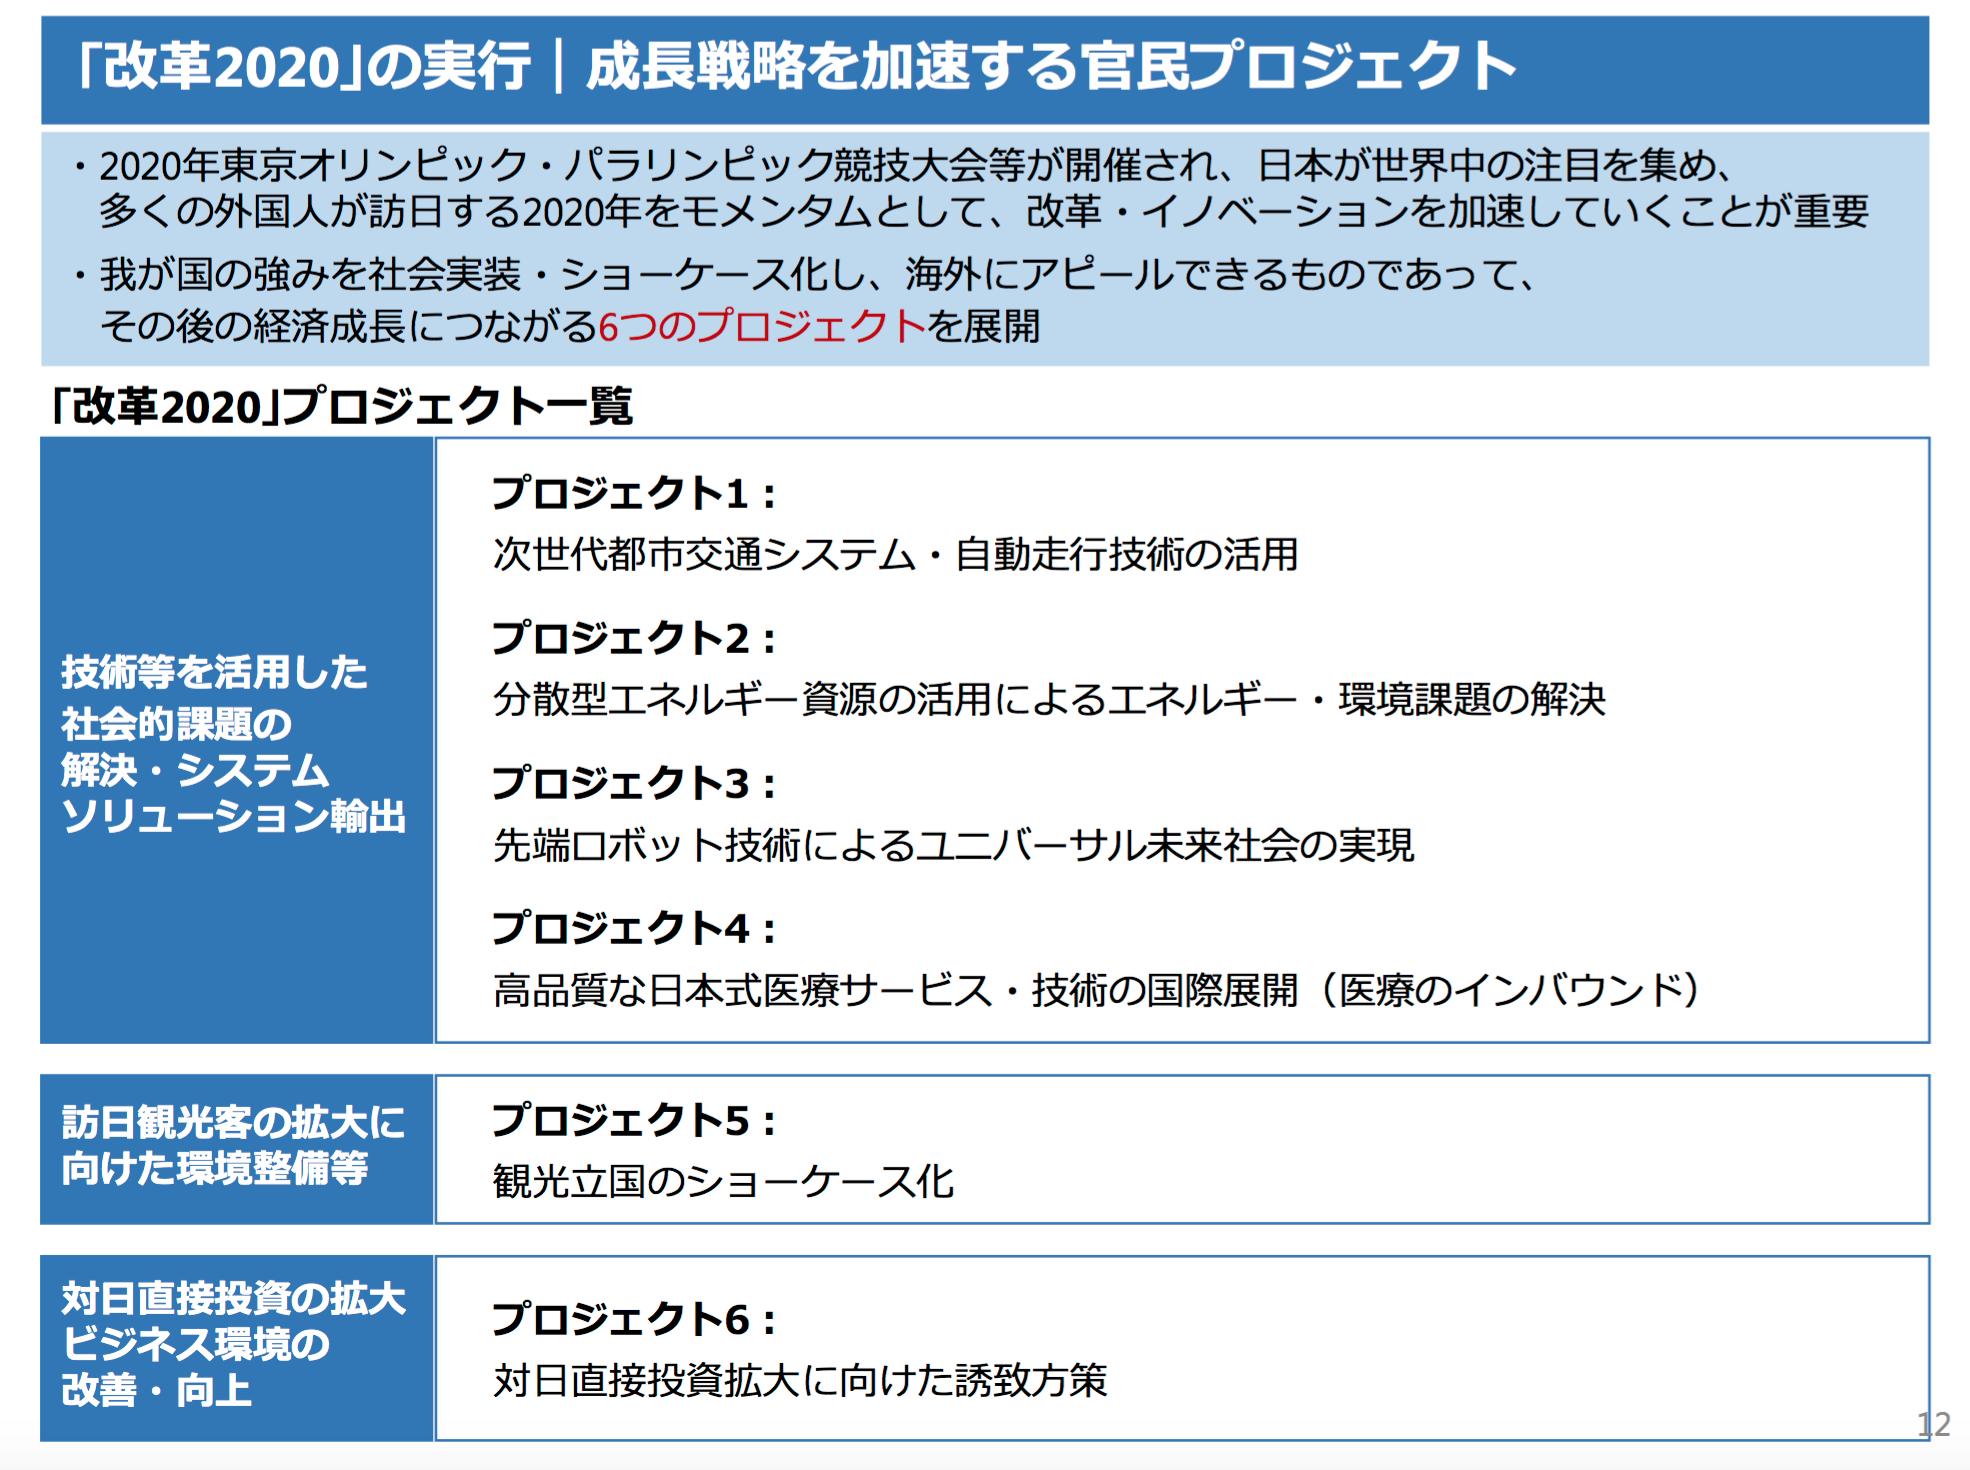 日本再興戦略2015ー12